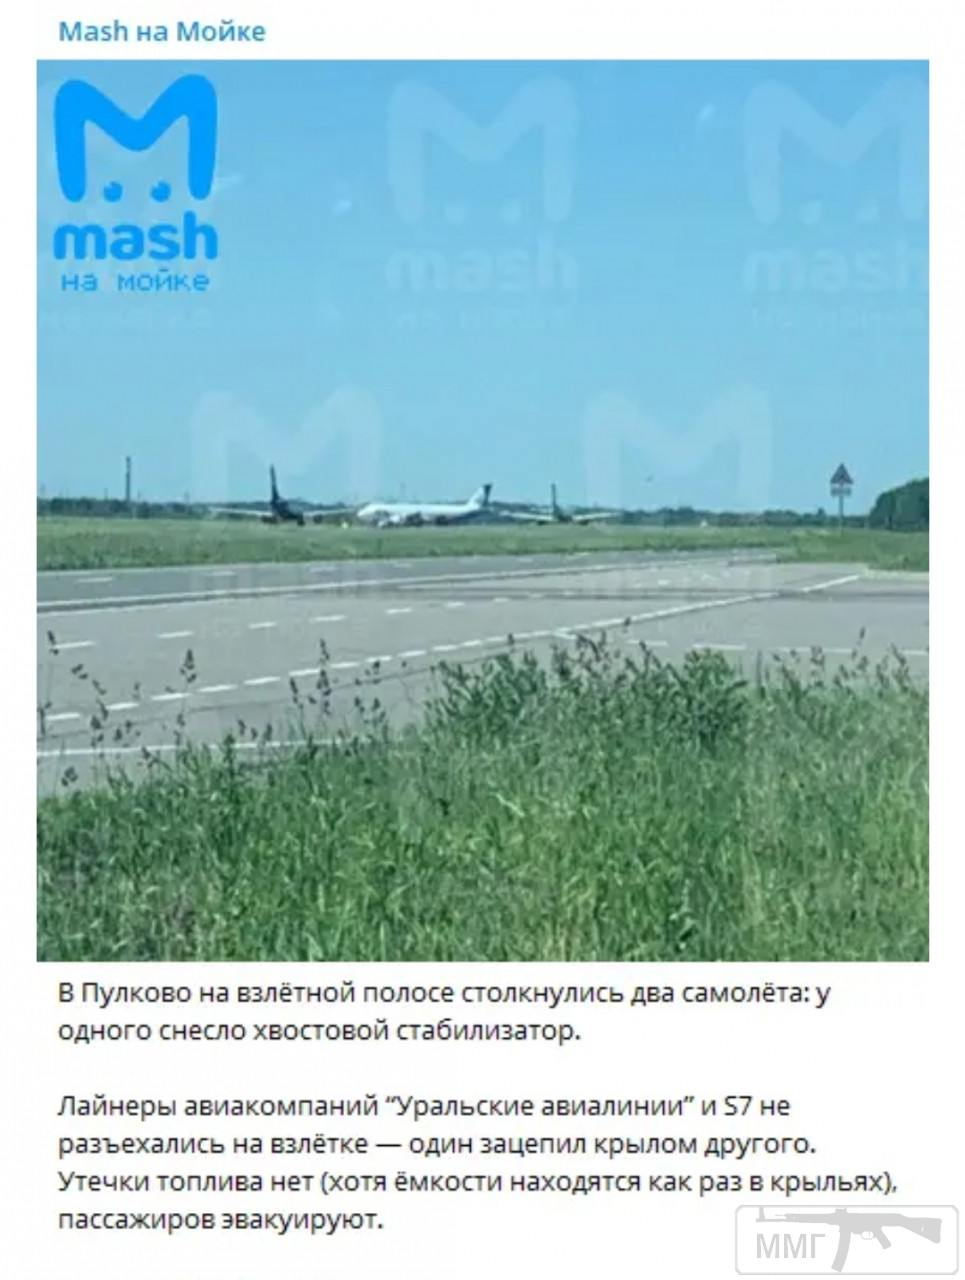 105690 - Аварии гражданских летательных аппаратов